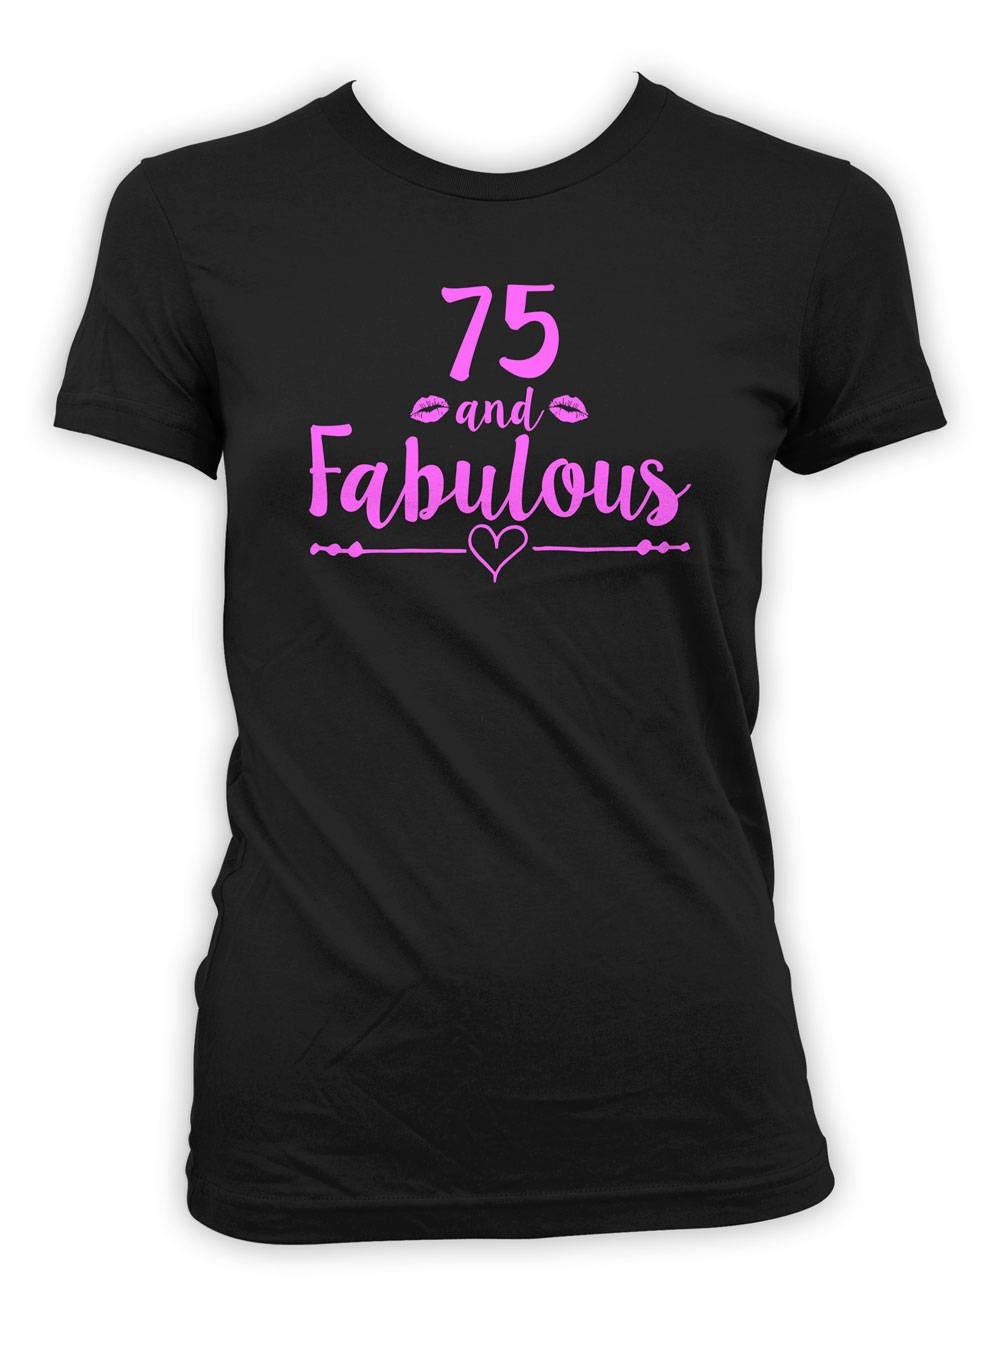 75e anniversaire 75 femmes 75 anniversaire ans anniversaire T Shirt Bday cadeau personnalisé âge B chemise grand-mère cadeau idées 75 et fabuleux Ladies Day Tee - BG539 c1e556